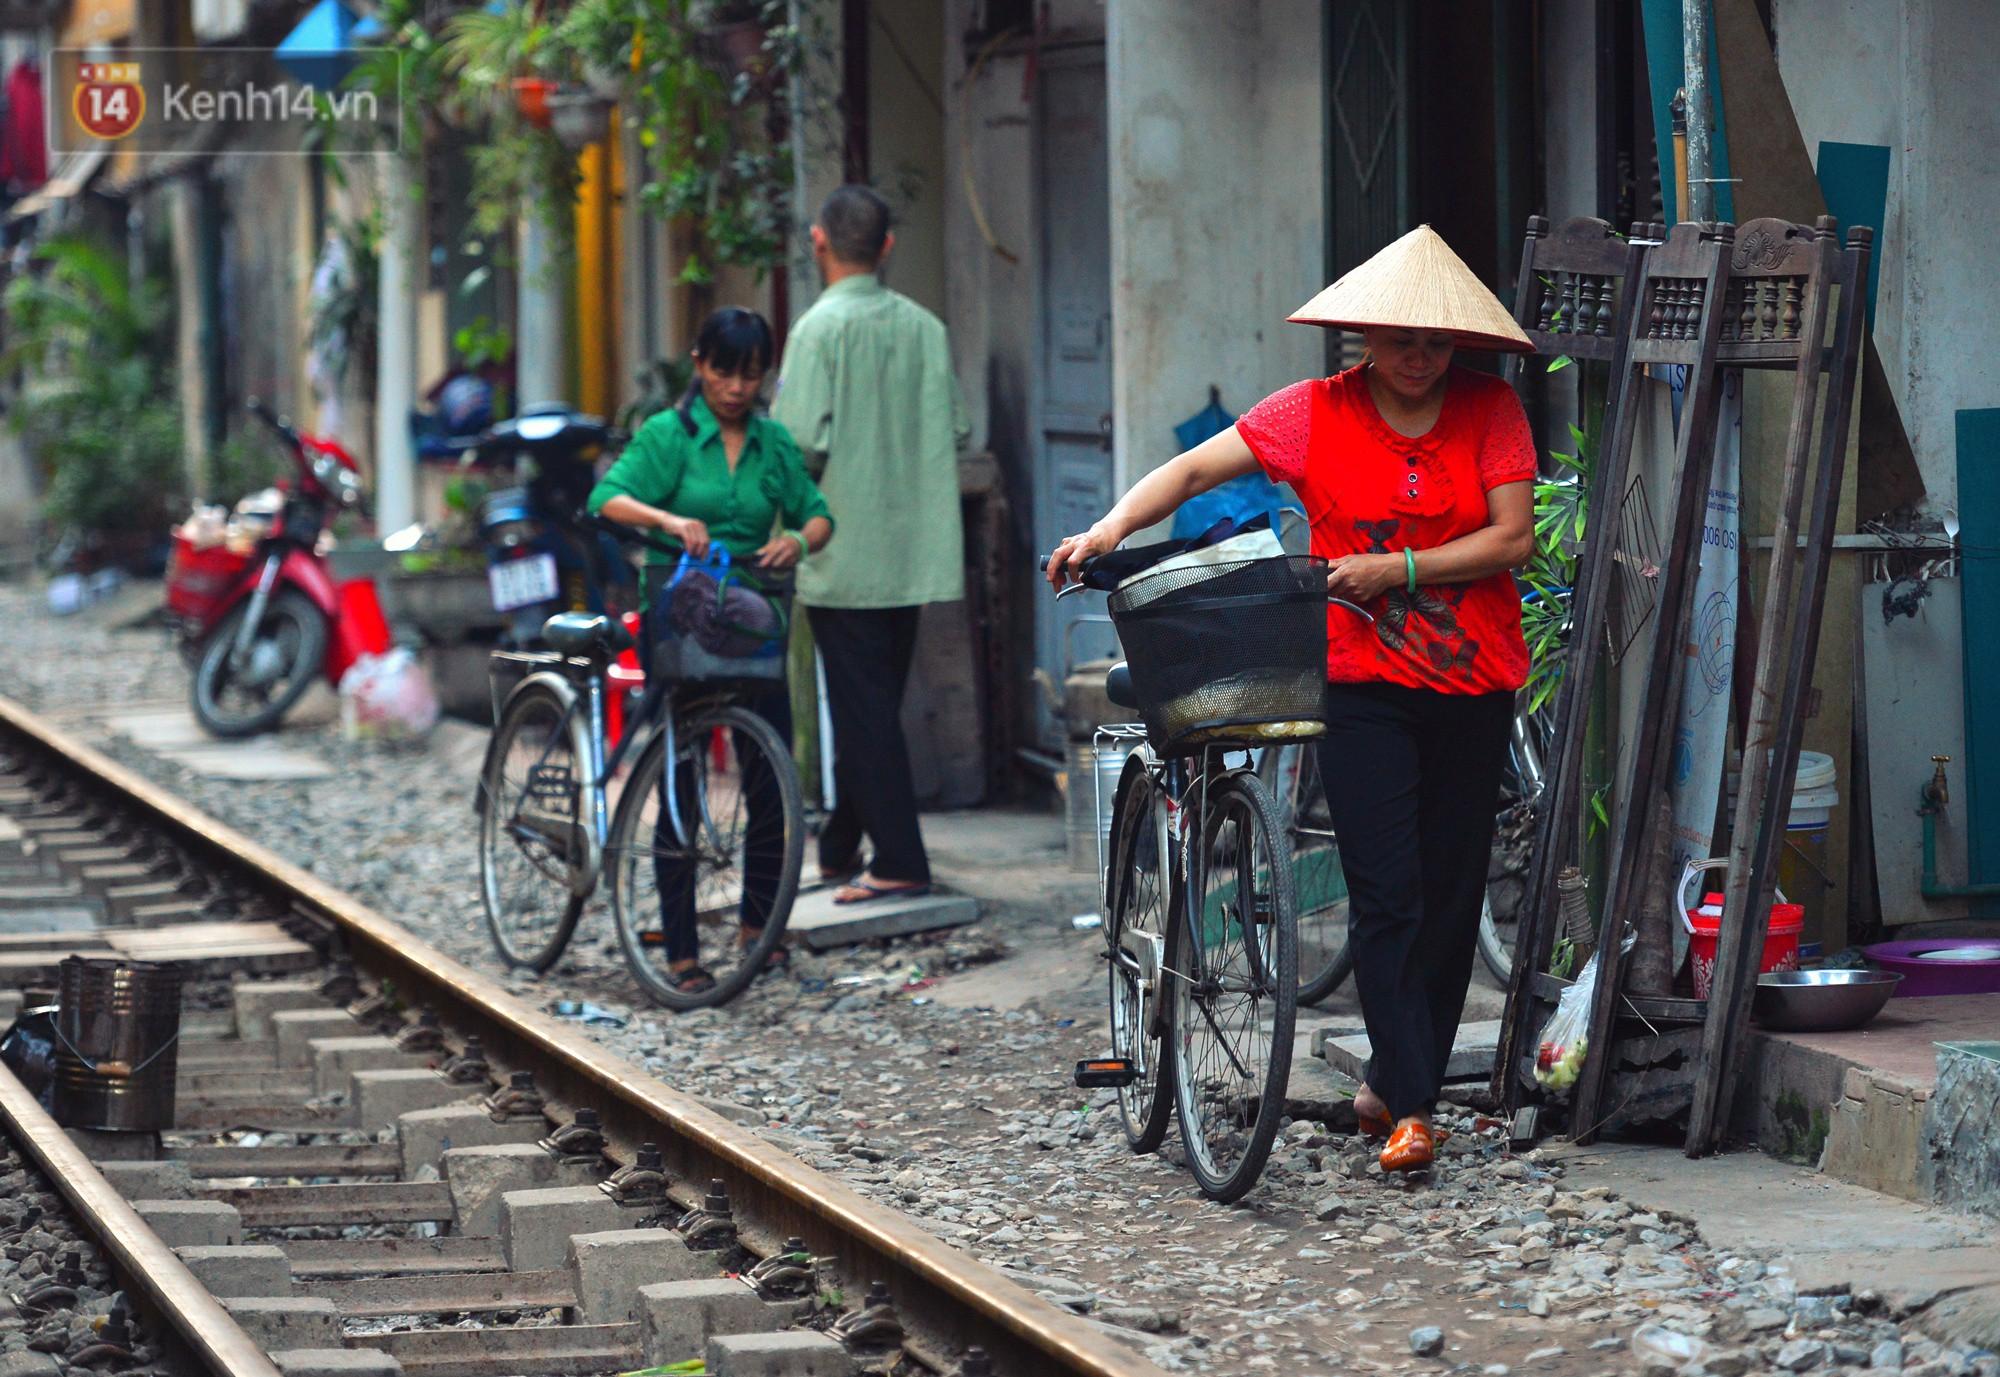 Hà Nội: Xóm đường tàu đẹp không kém làng cổ Thập Phần, Đài Loan - Ảnh 15.